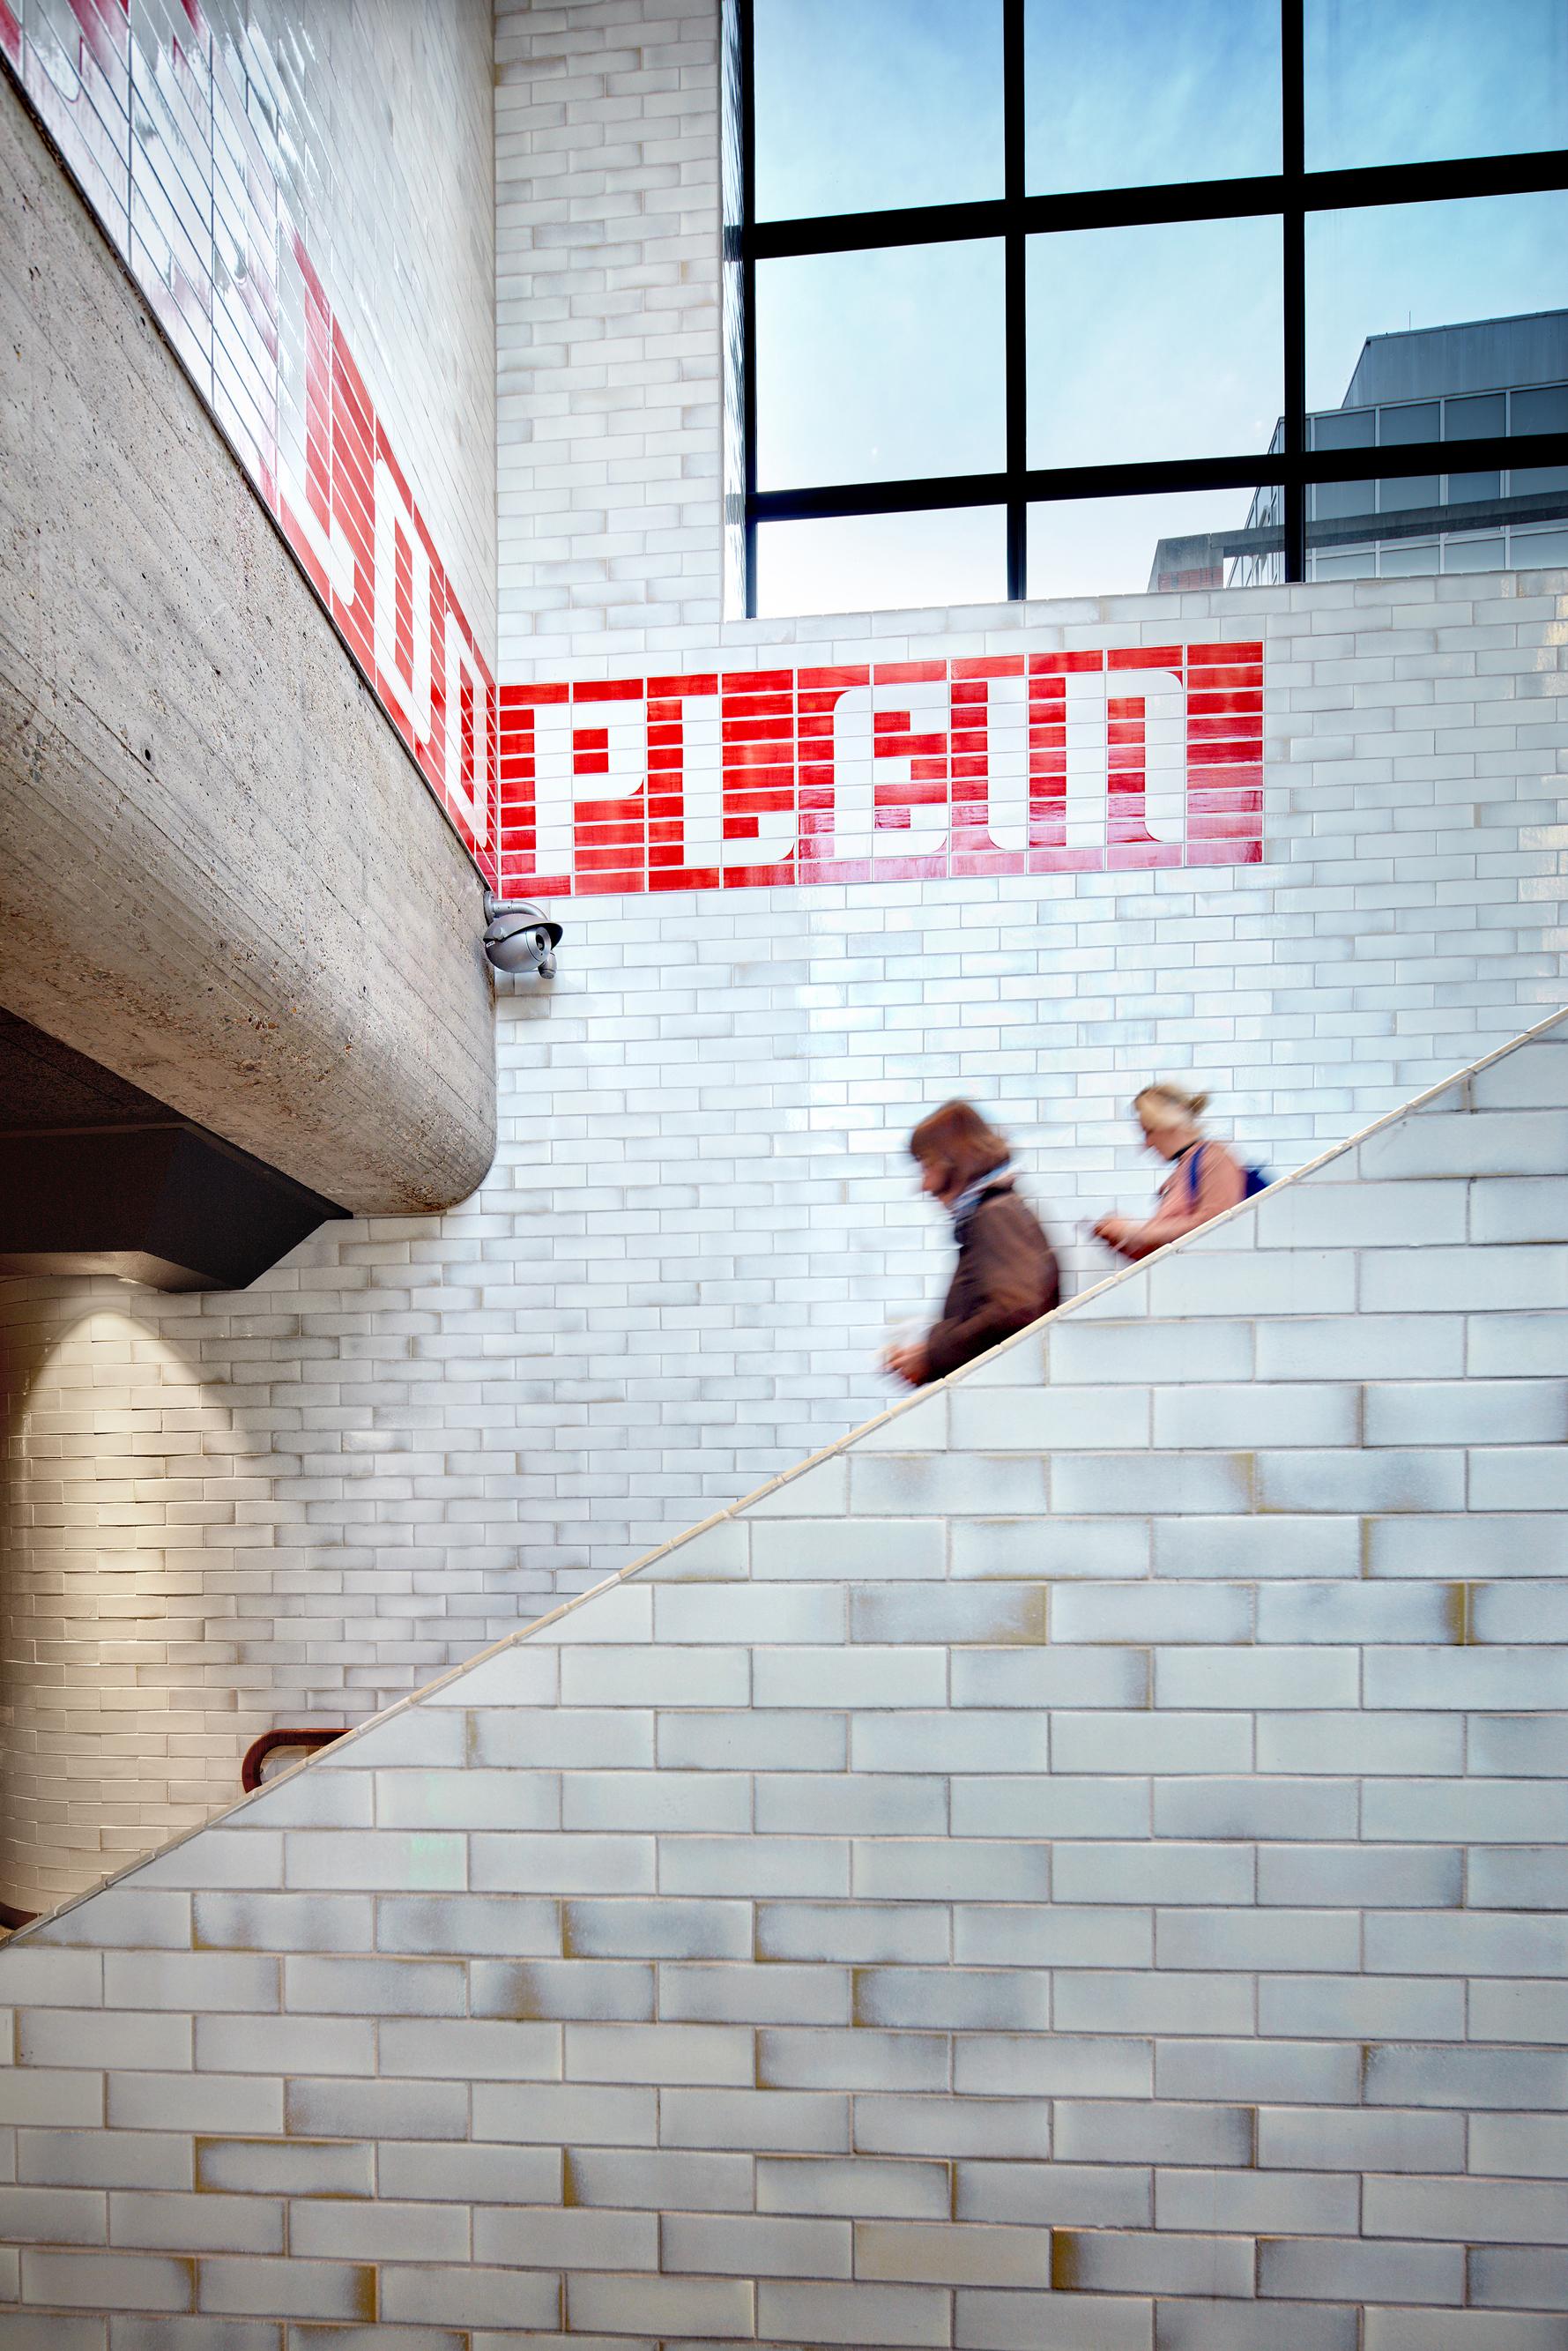 <p>Interieur station Waterlooplein, met handgemaakte tegels. Fotograaf: Digidaan</p>